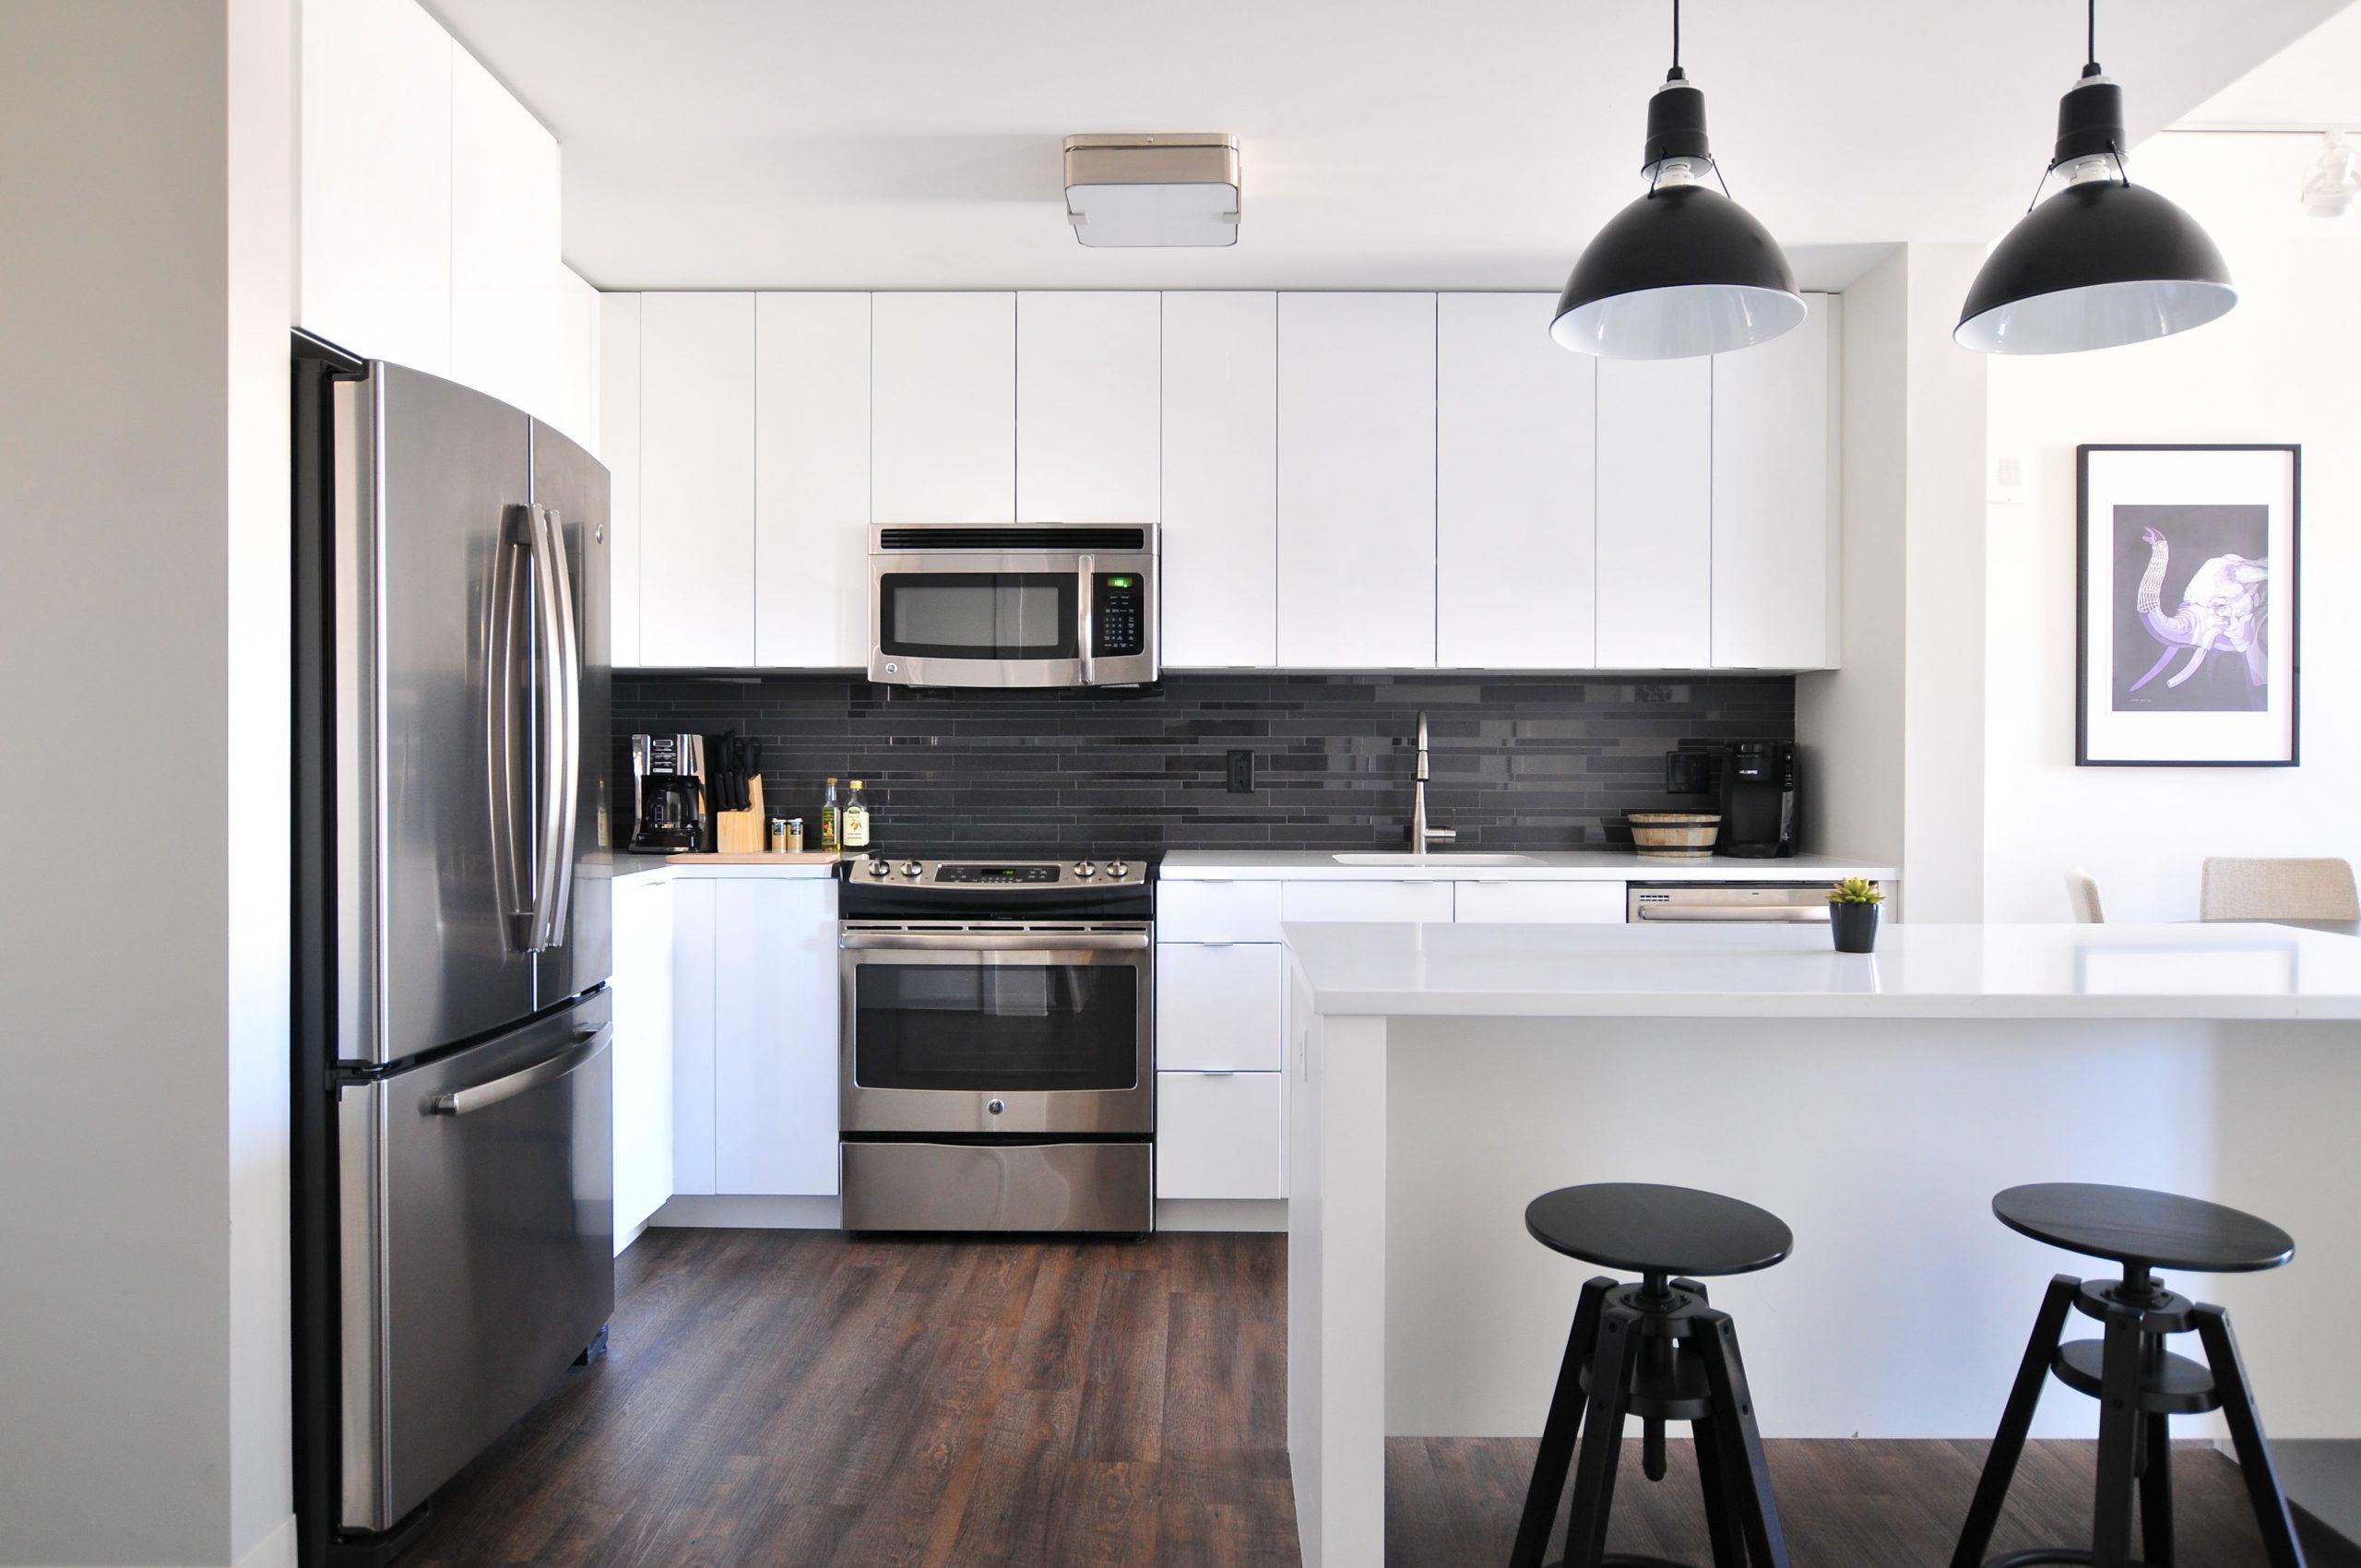 Imagem de uma cozinha moderna e ampla